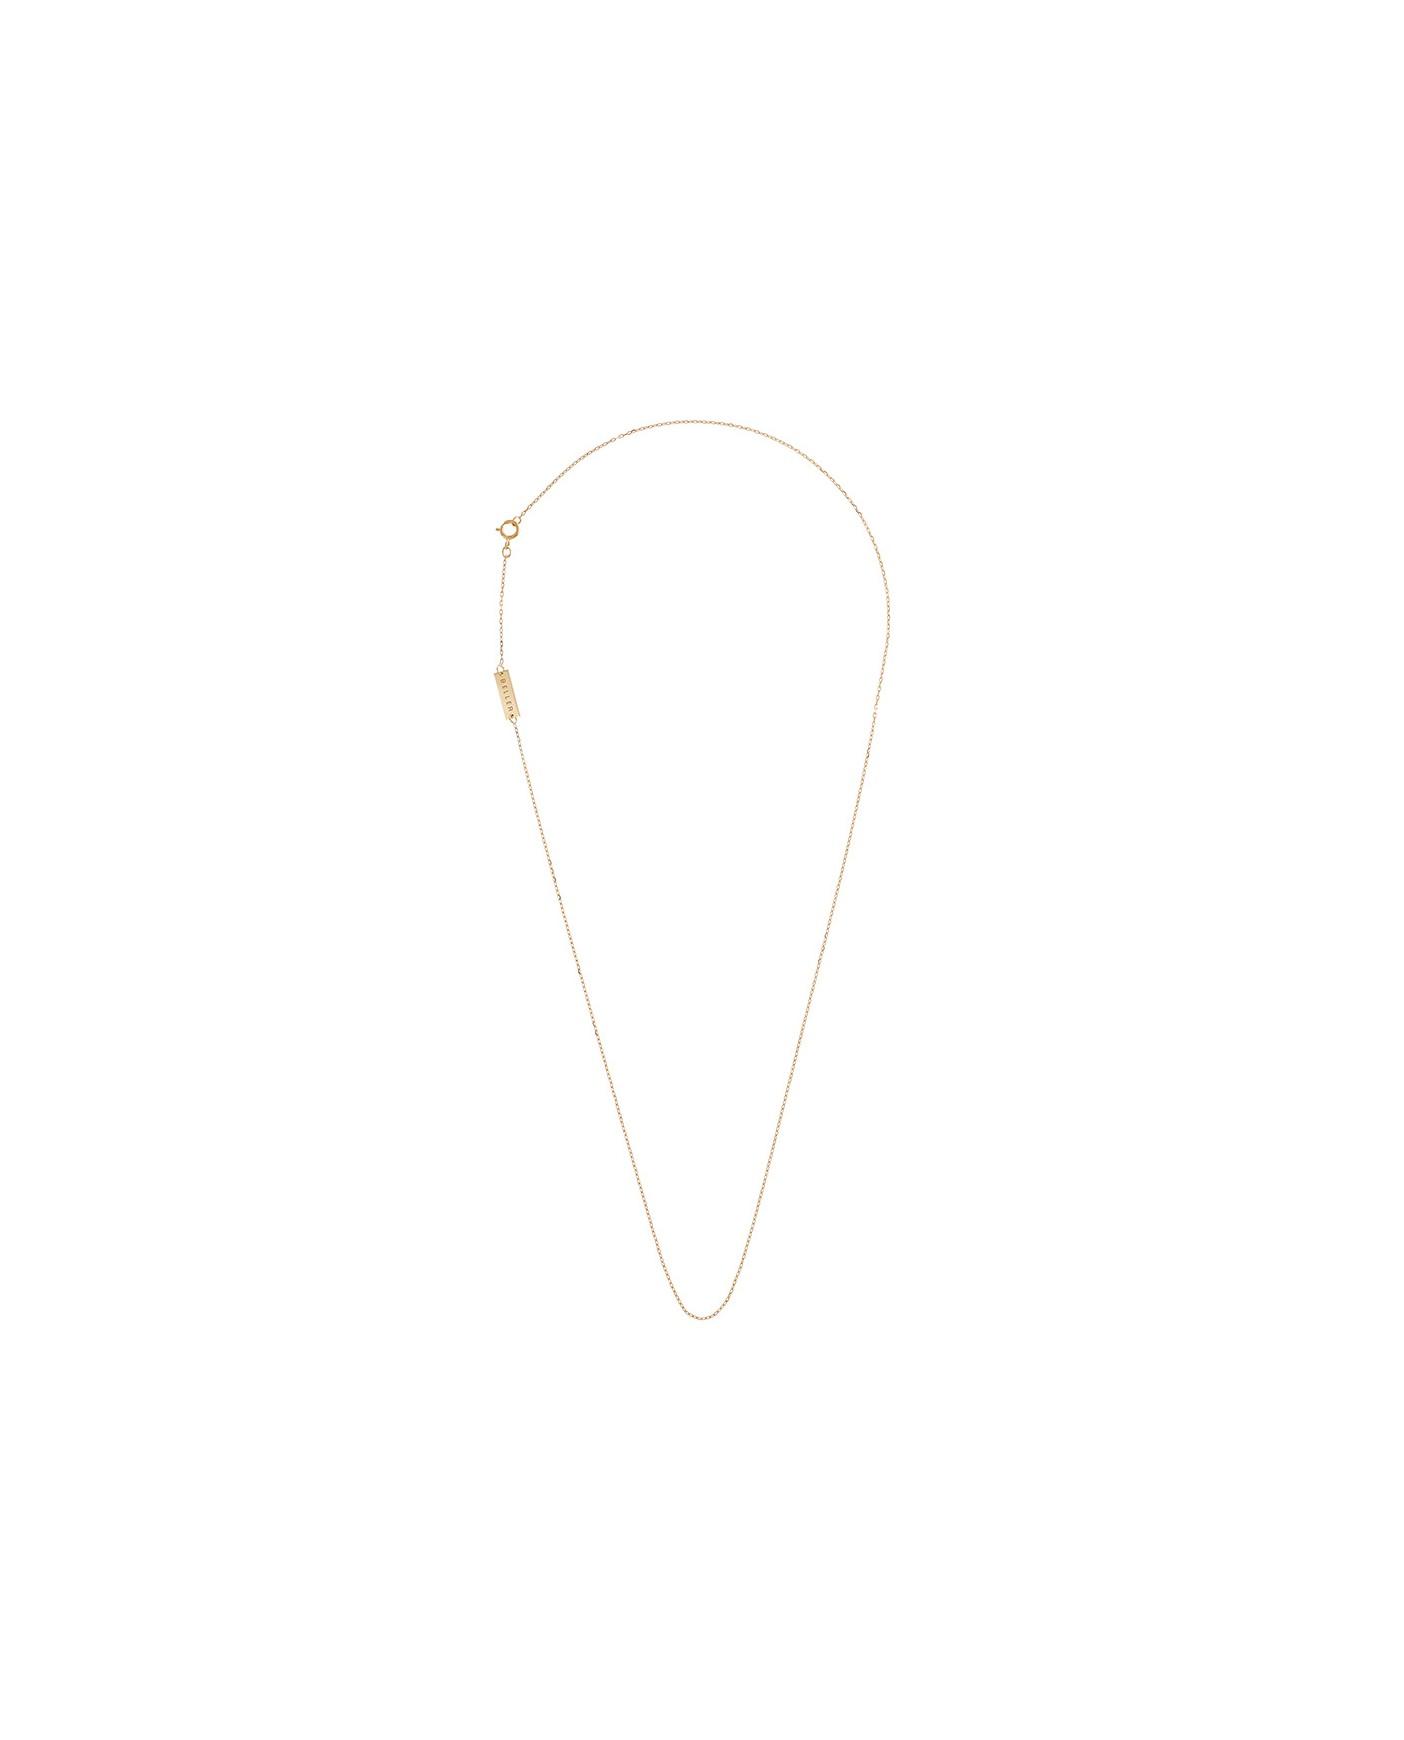 Basic Złoty Łańcuszek N°173